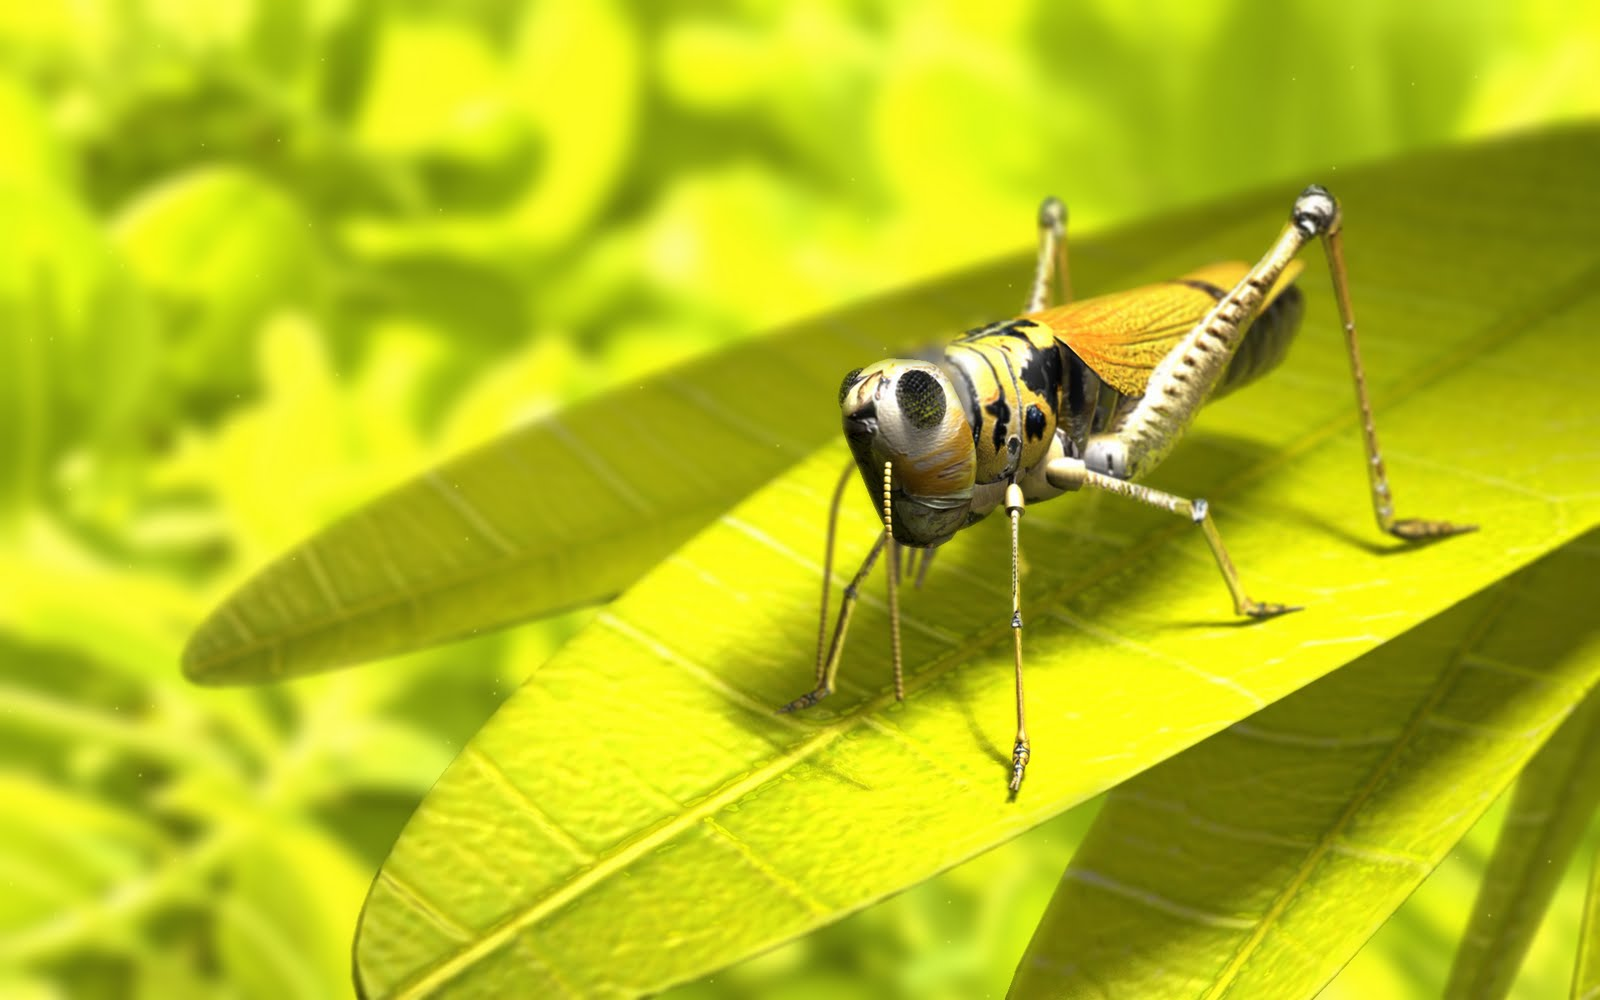 http://2.bp.blogspot.com/-dwyOsm743yI/TdpXbn-5nPI/AAAAAAAAADY/oSQMGFZwg5Y/s1600/wallpaper_grasshopper.jpg